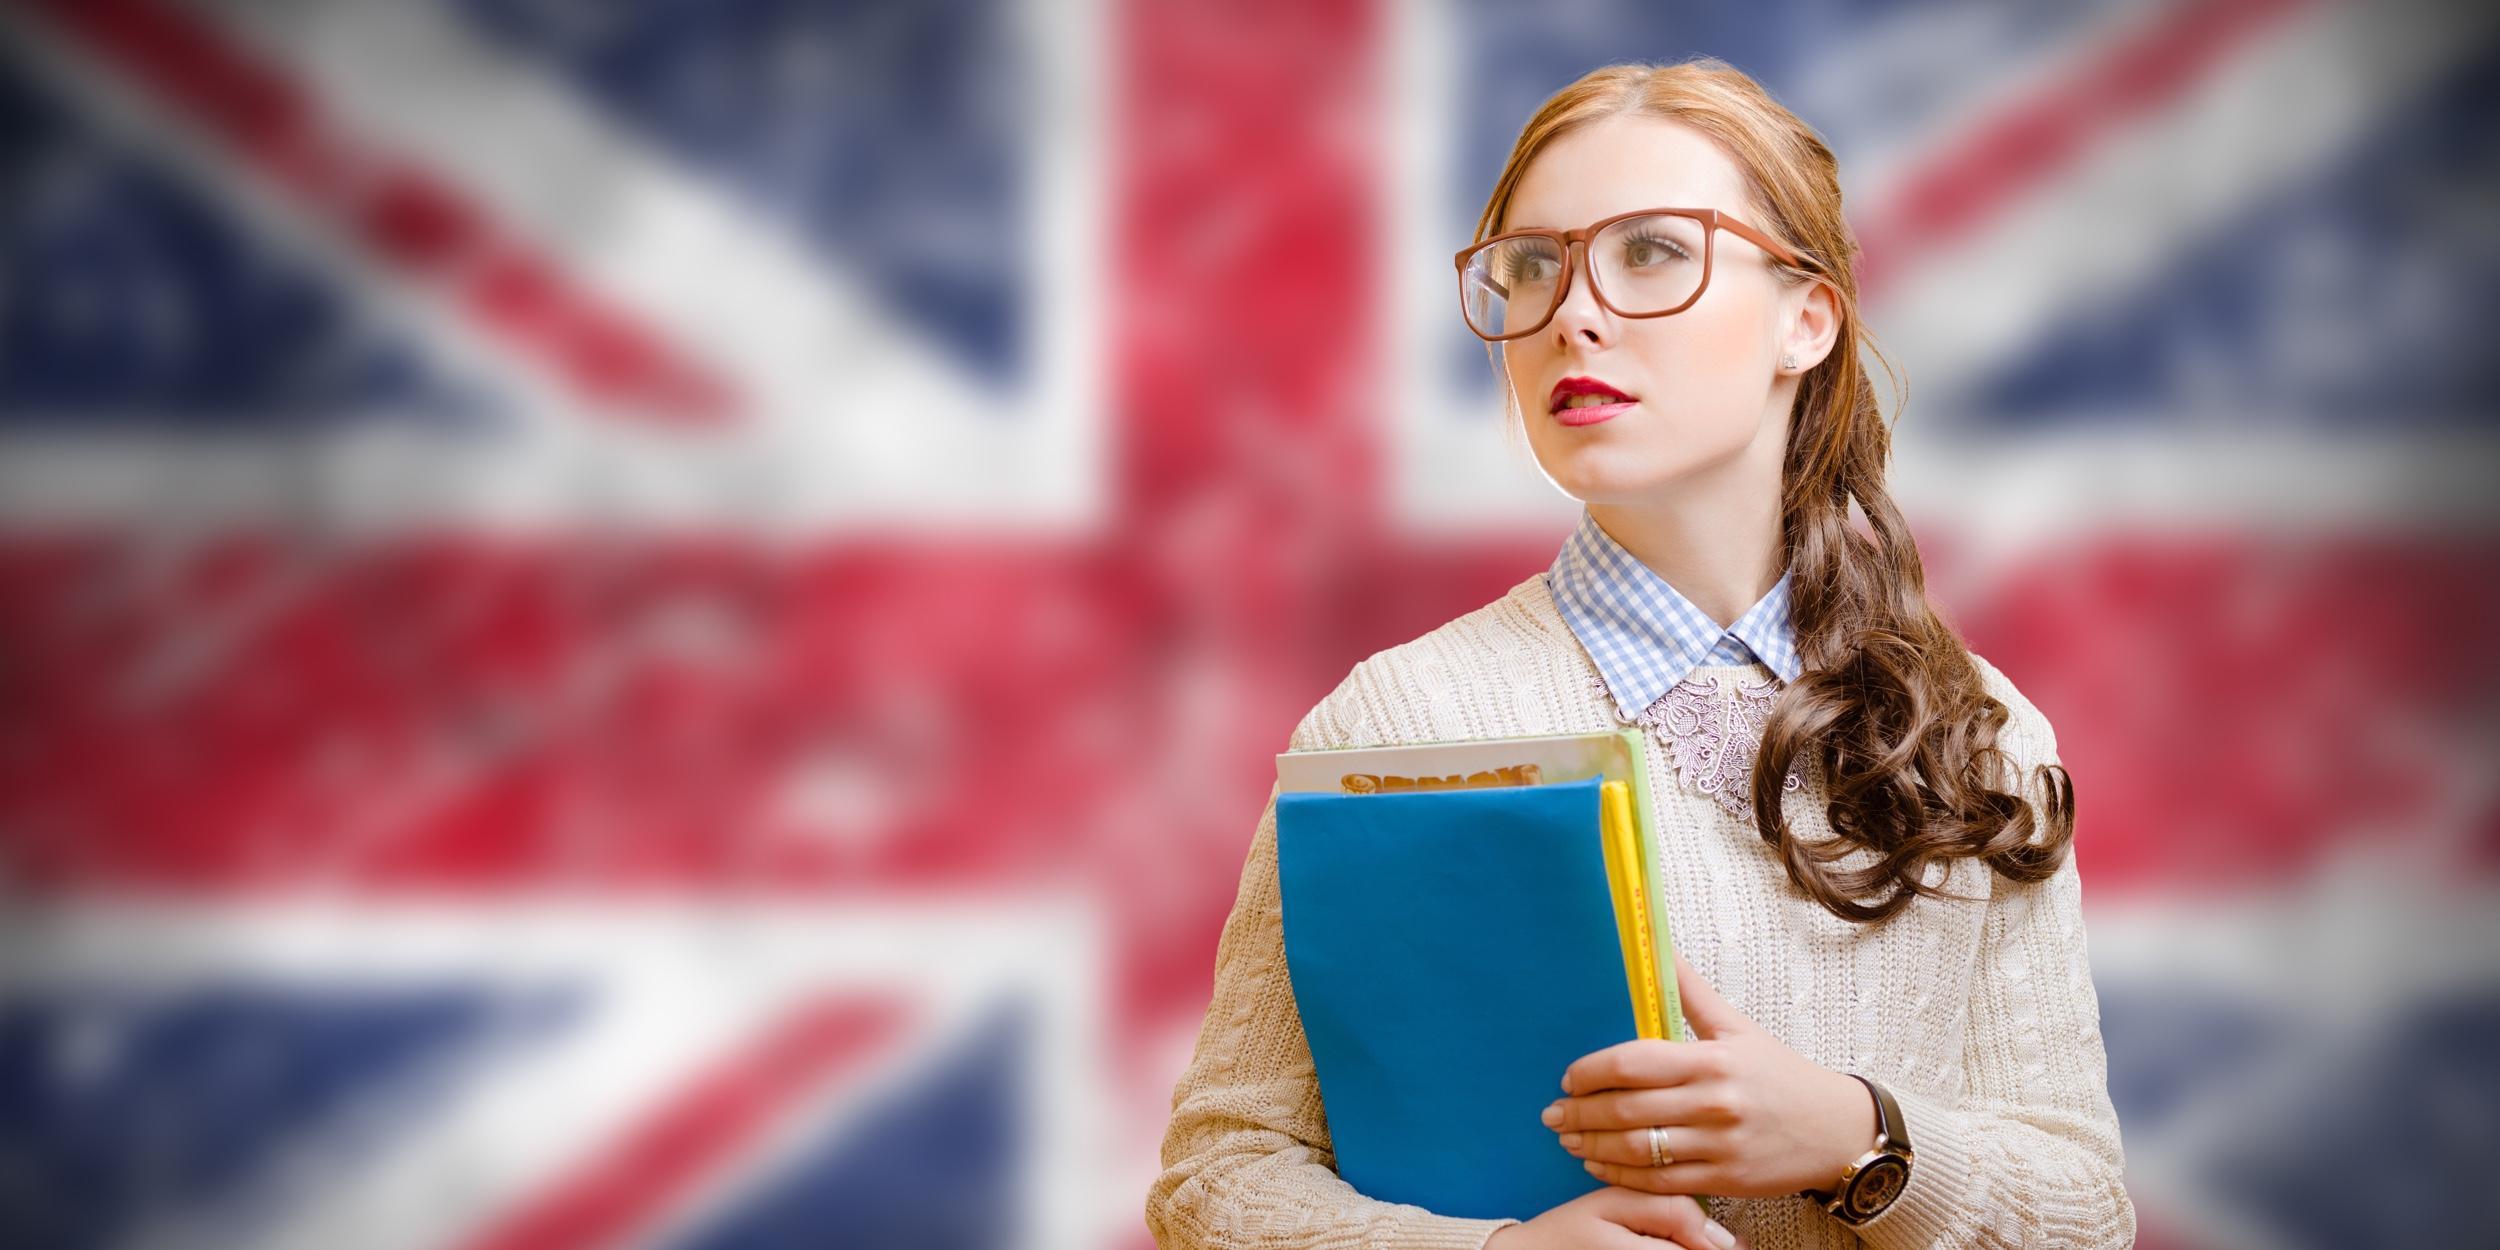 Иностранный язык помогает сосредоточиться